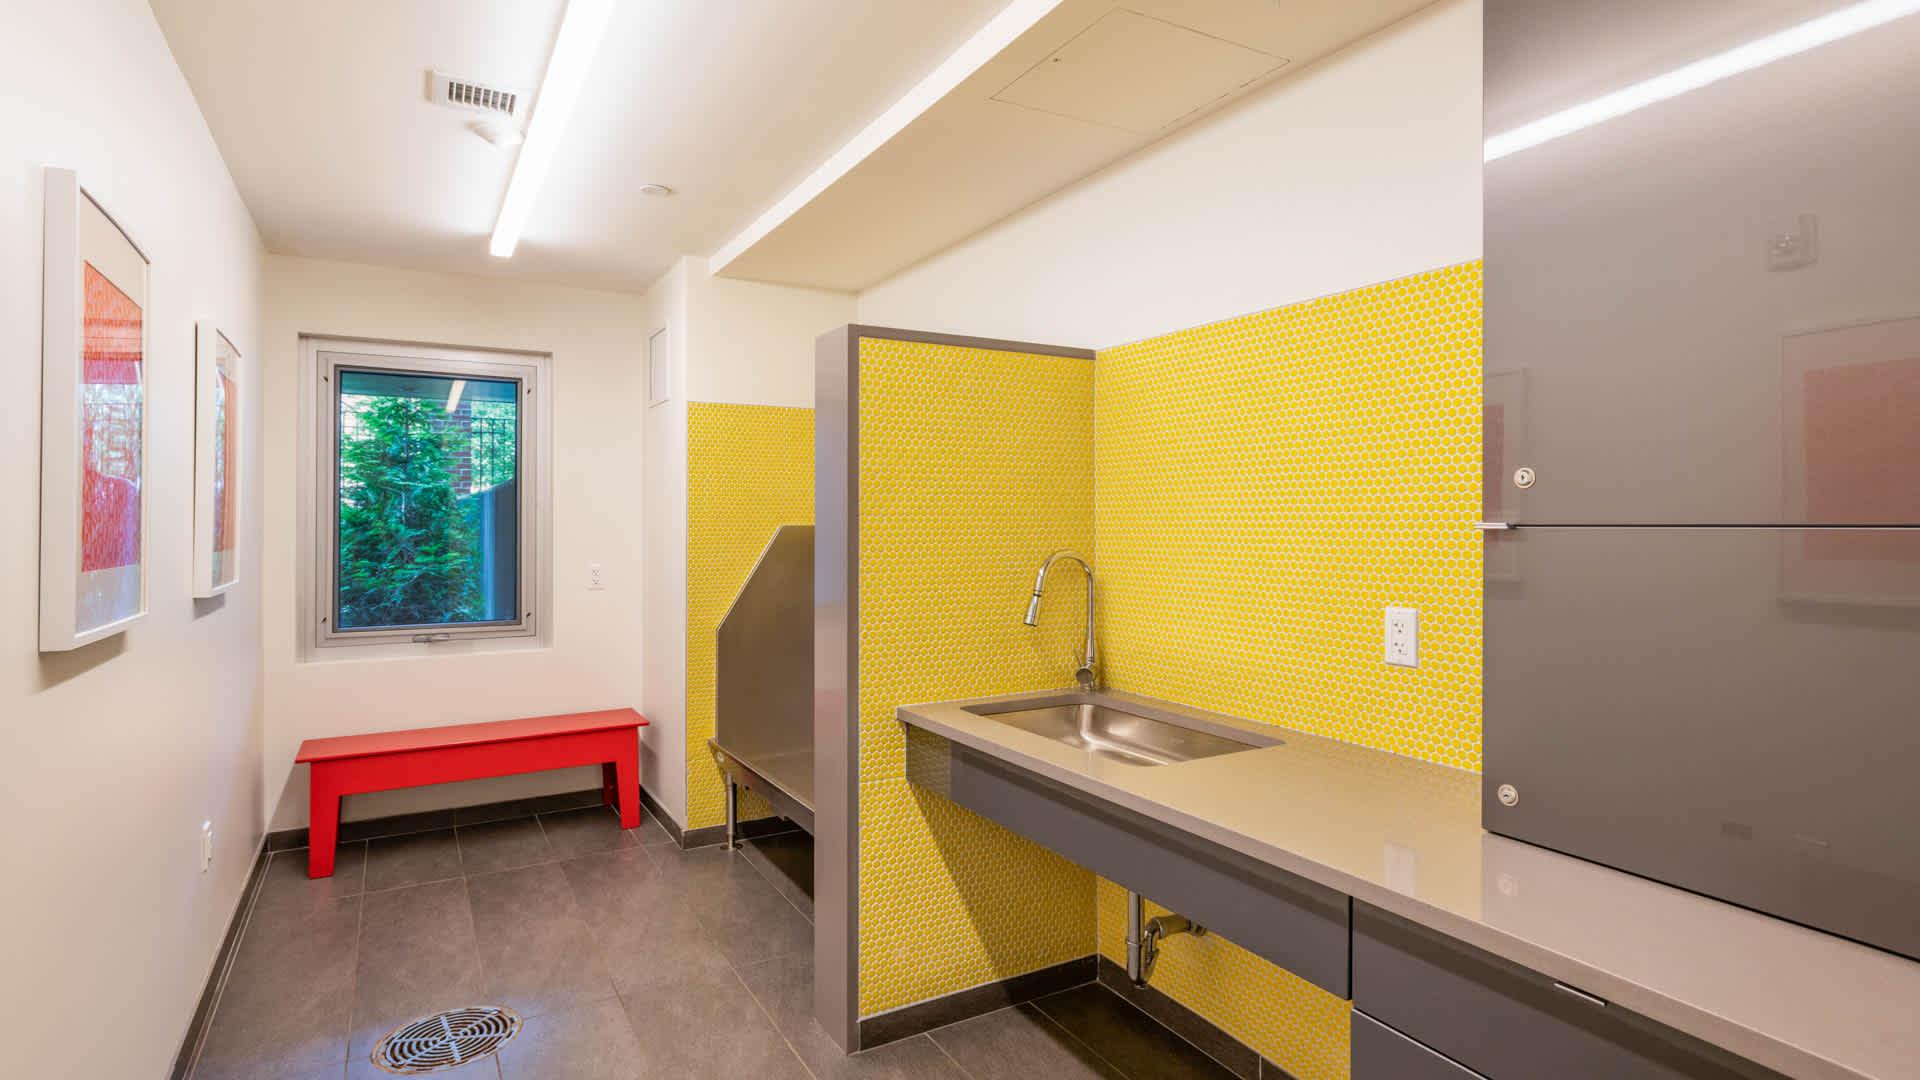 Girard apartments pet washing station